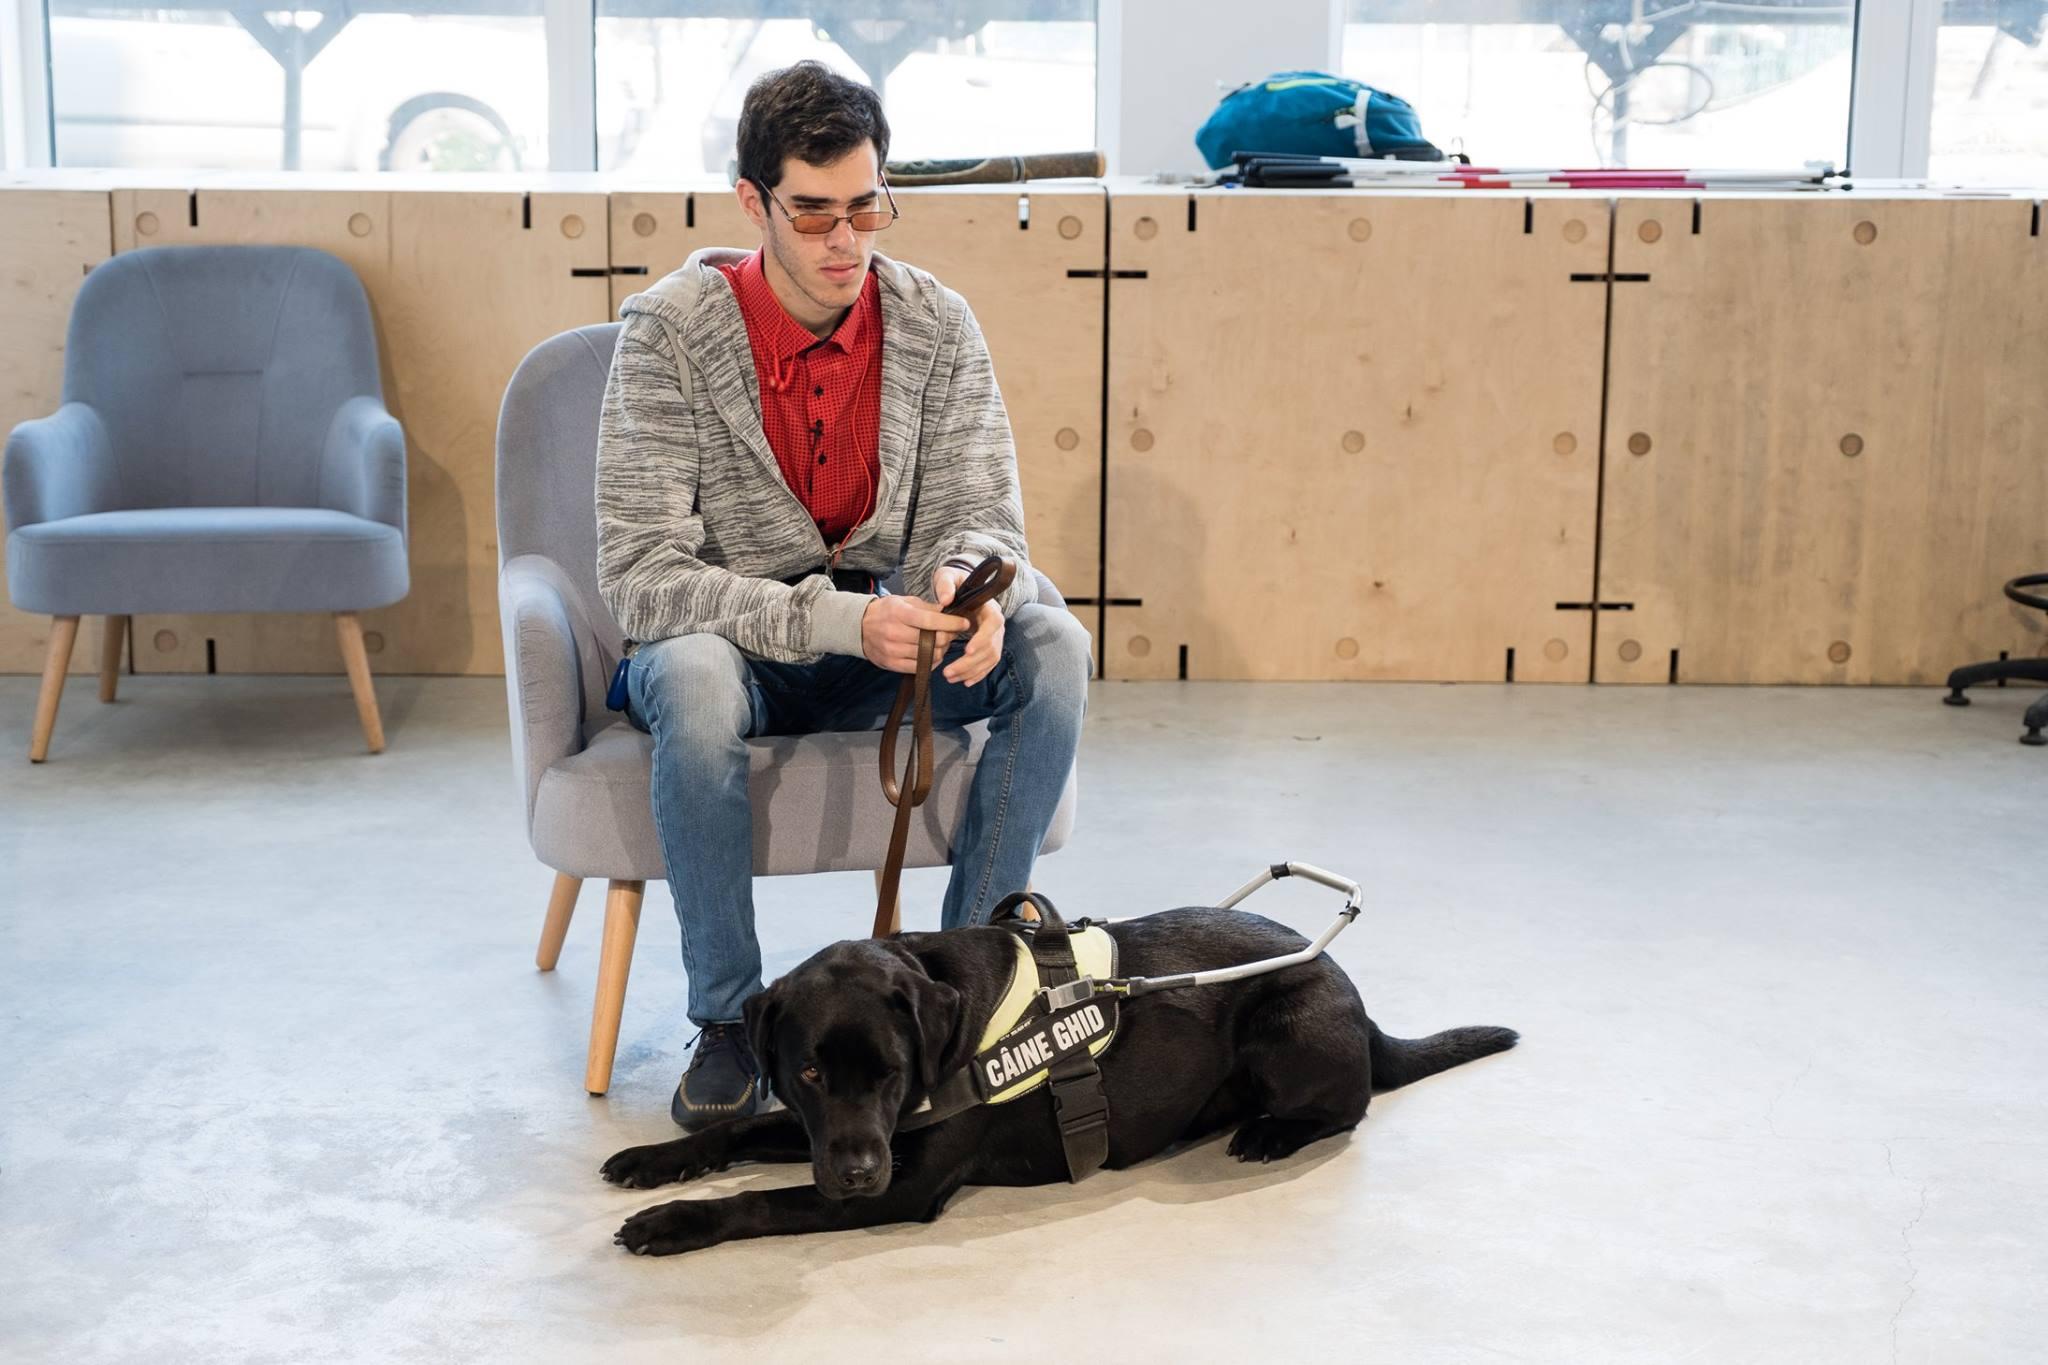 Descriere foto: Paul la inceputul atelierului, stand pe scaun cu Phantom culcat langa el.